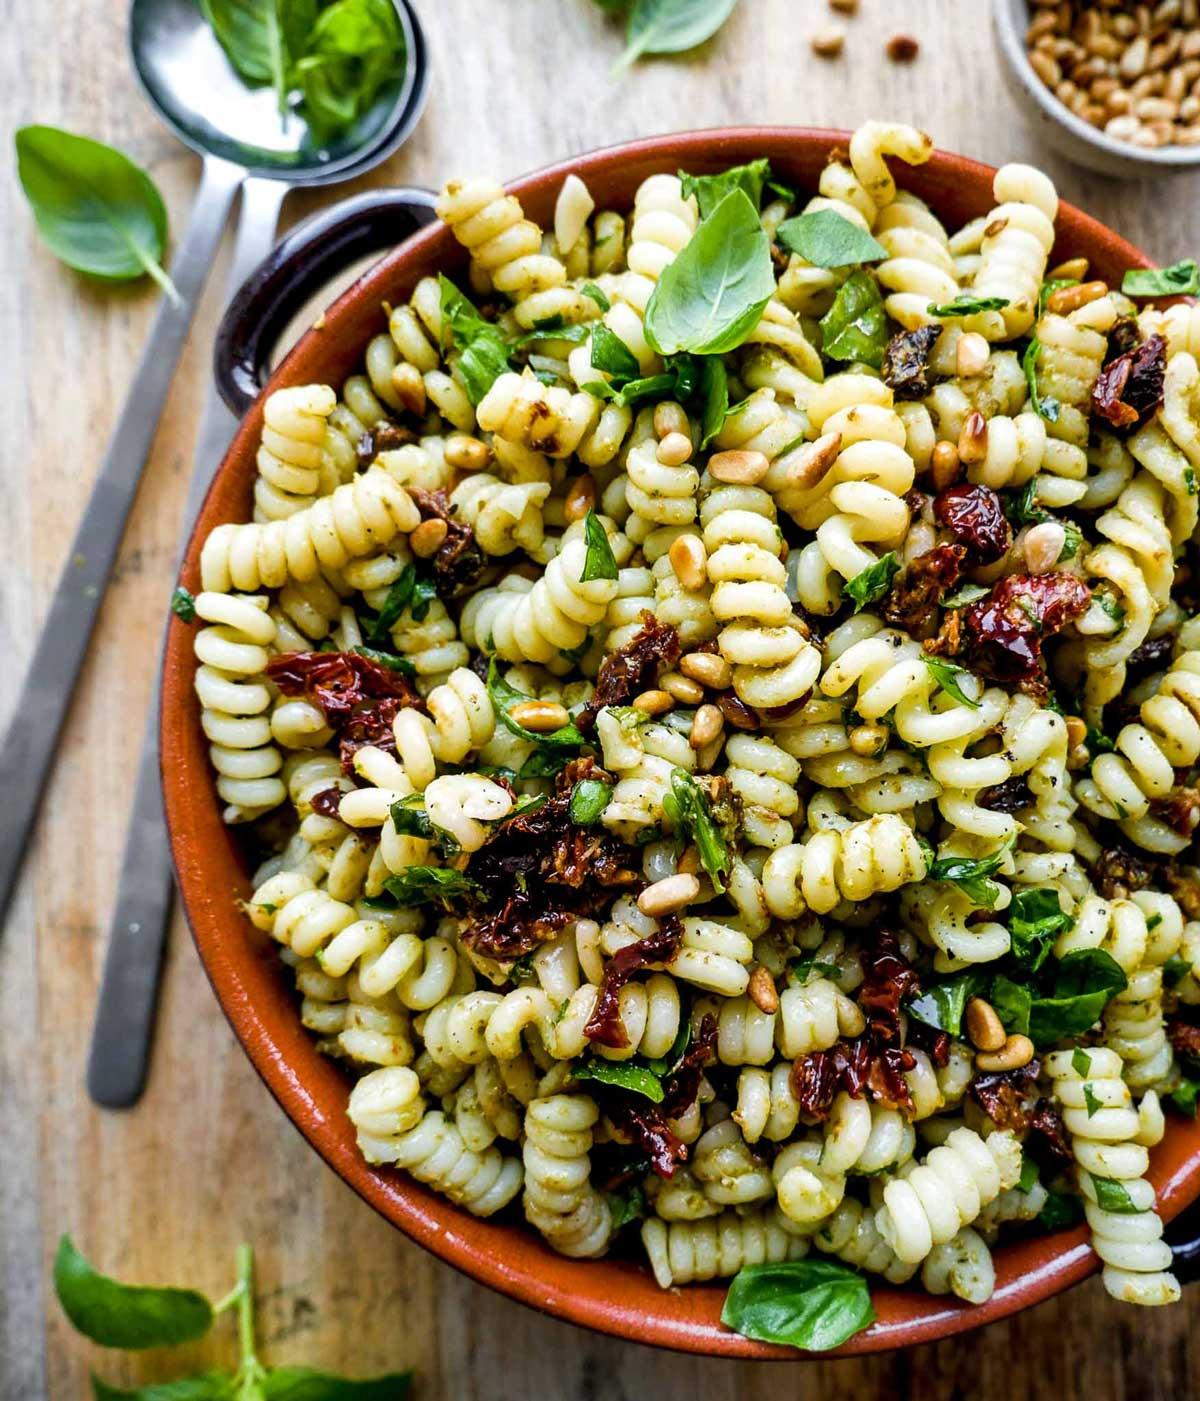 nem opskrift på pastasalat uden kød